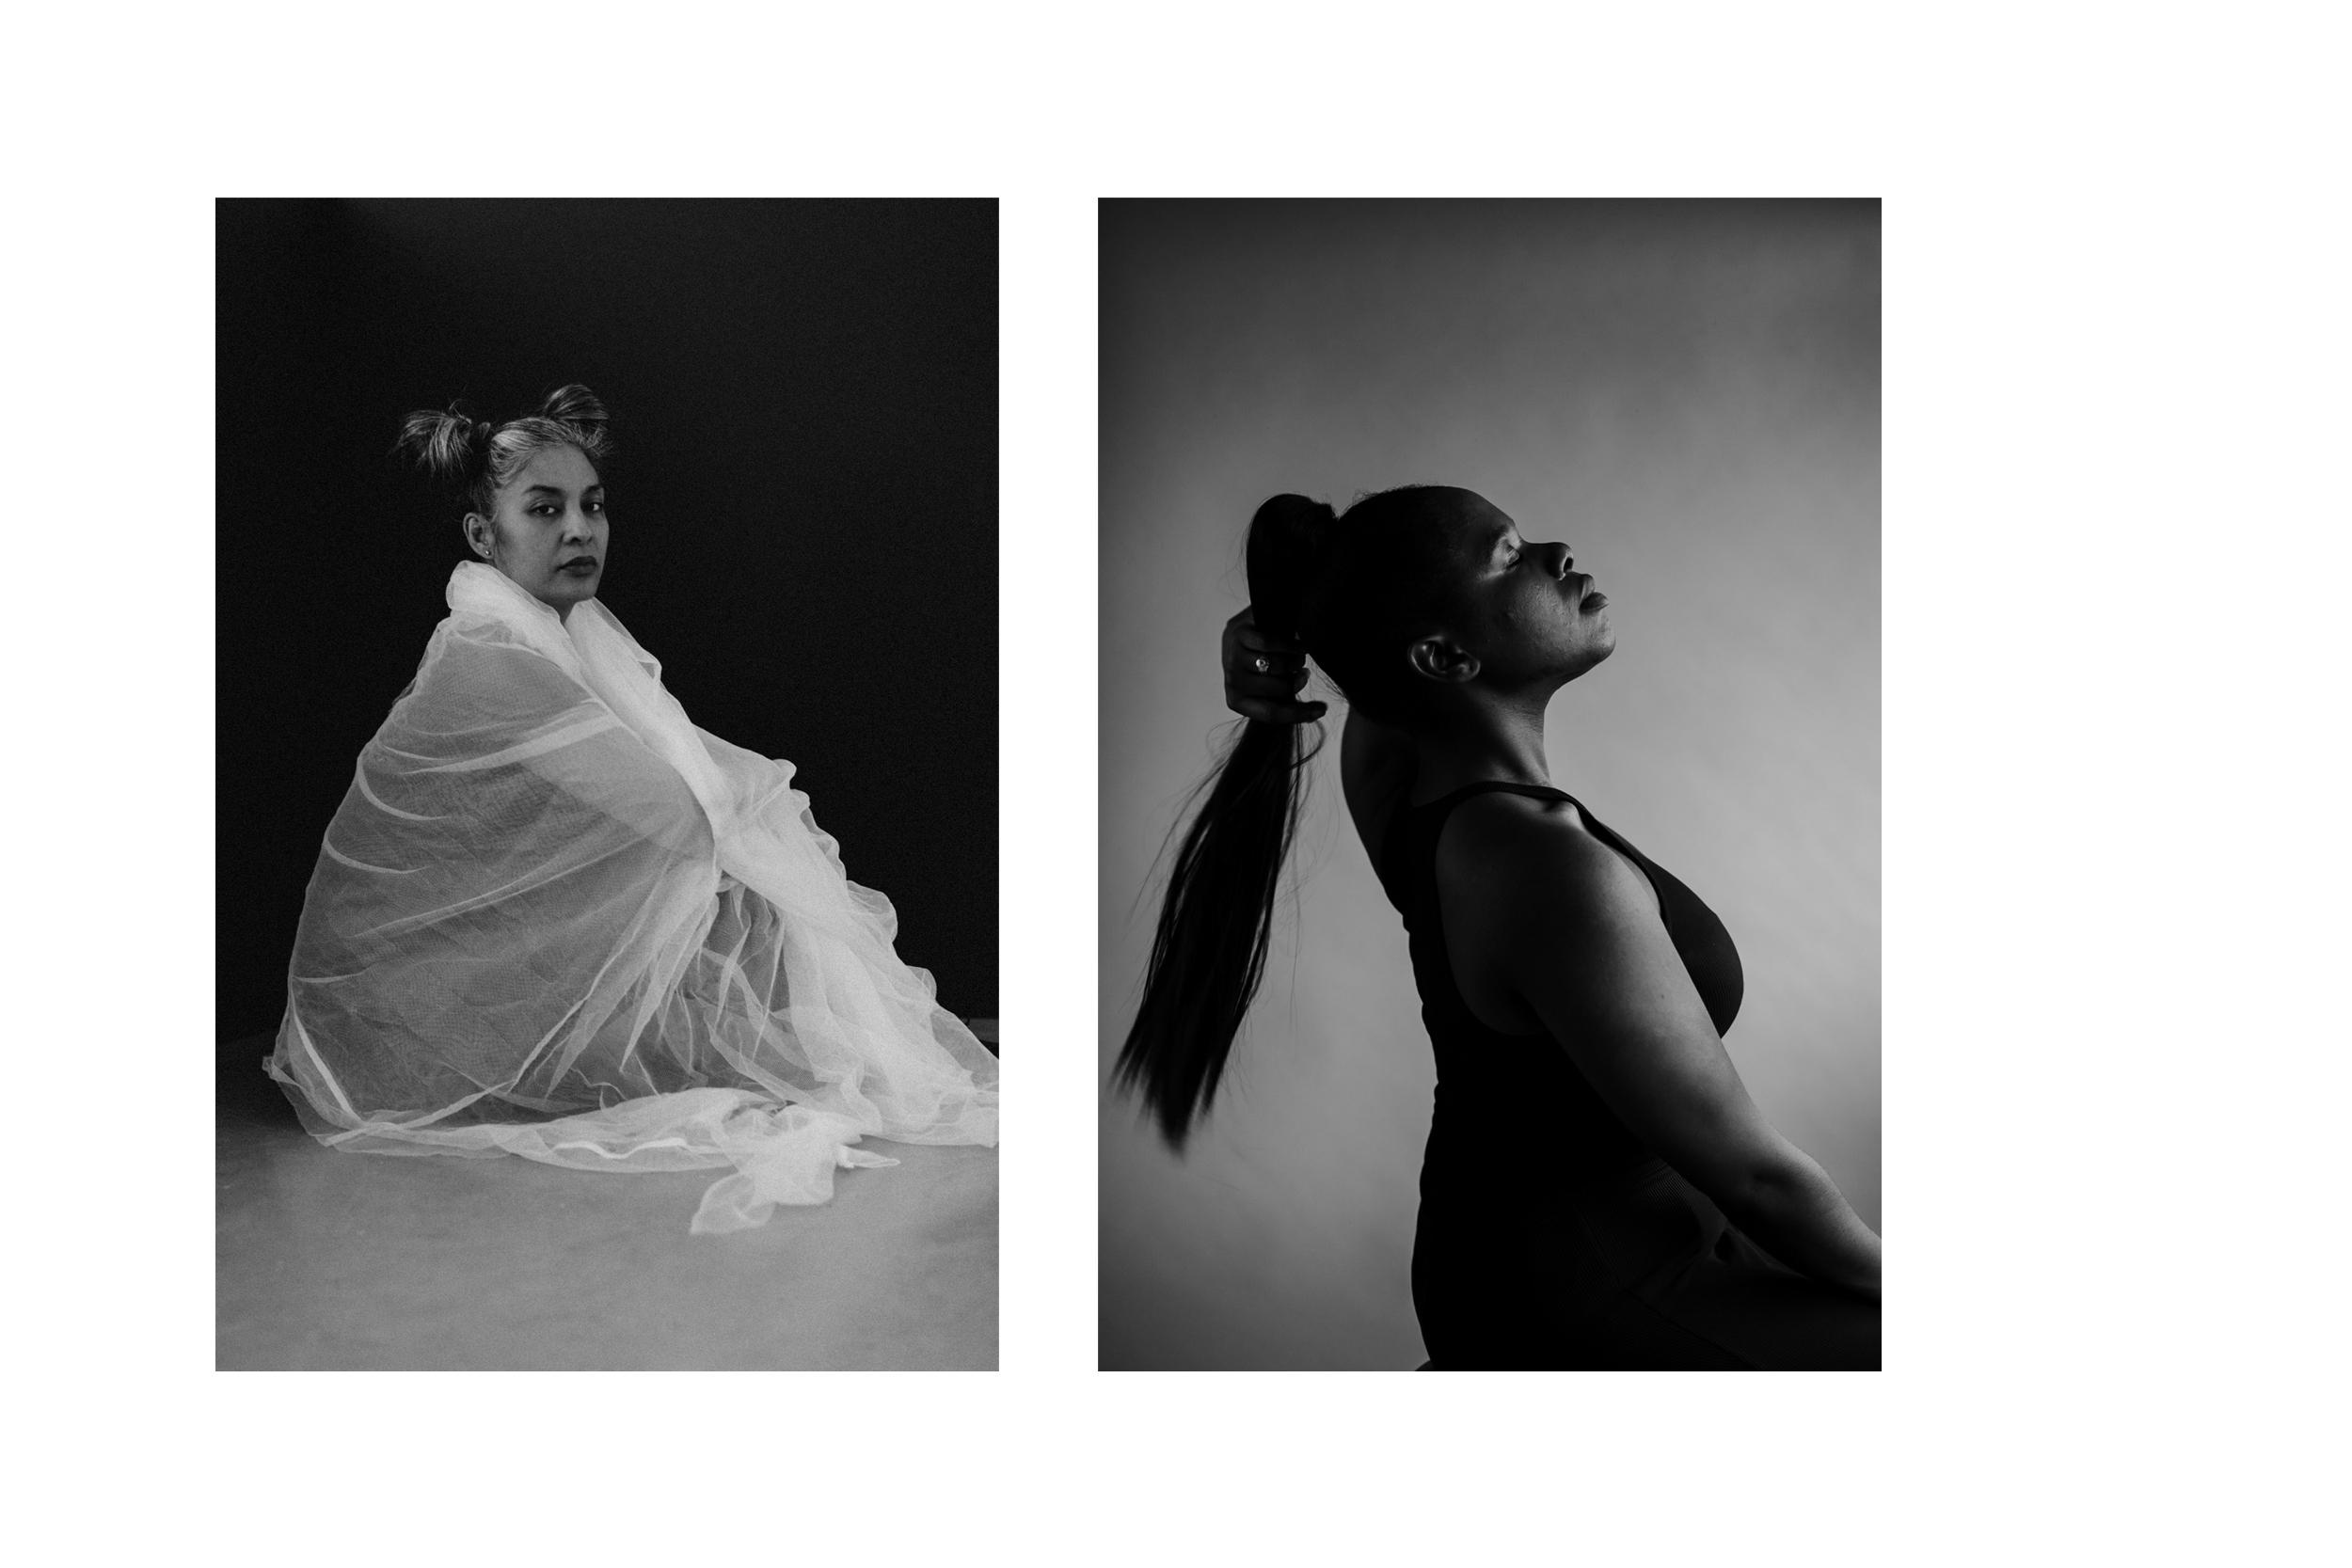 conceptual-photographer-02.jpg